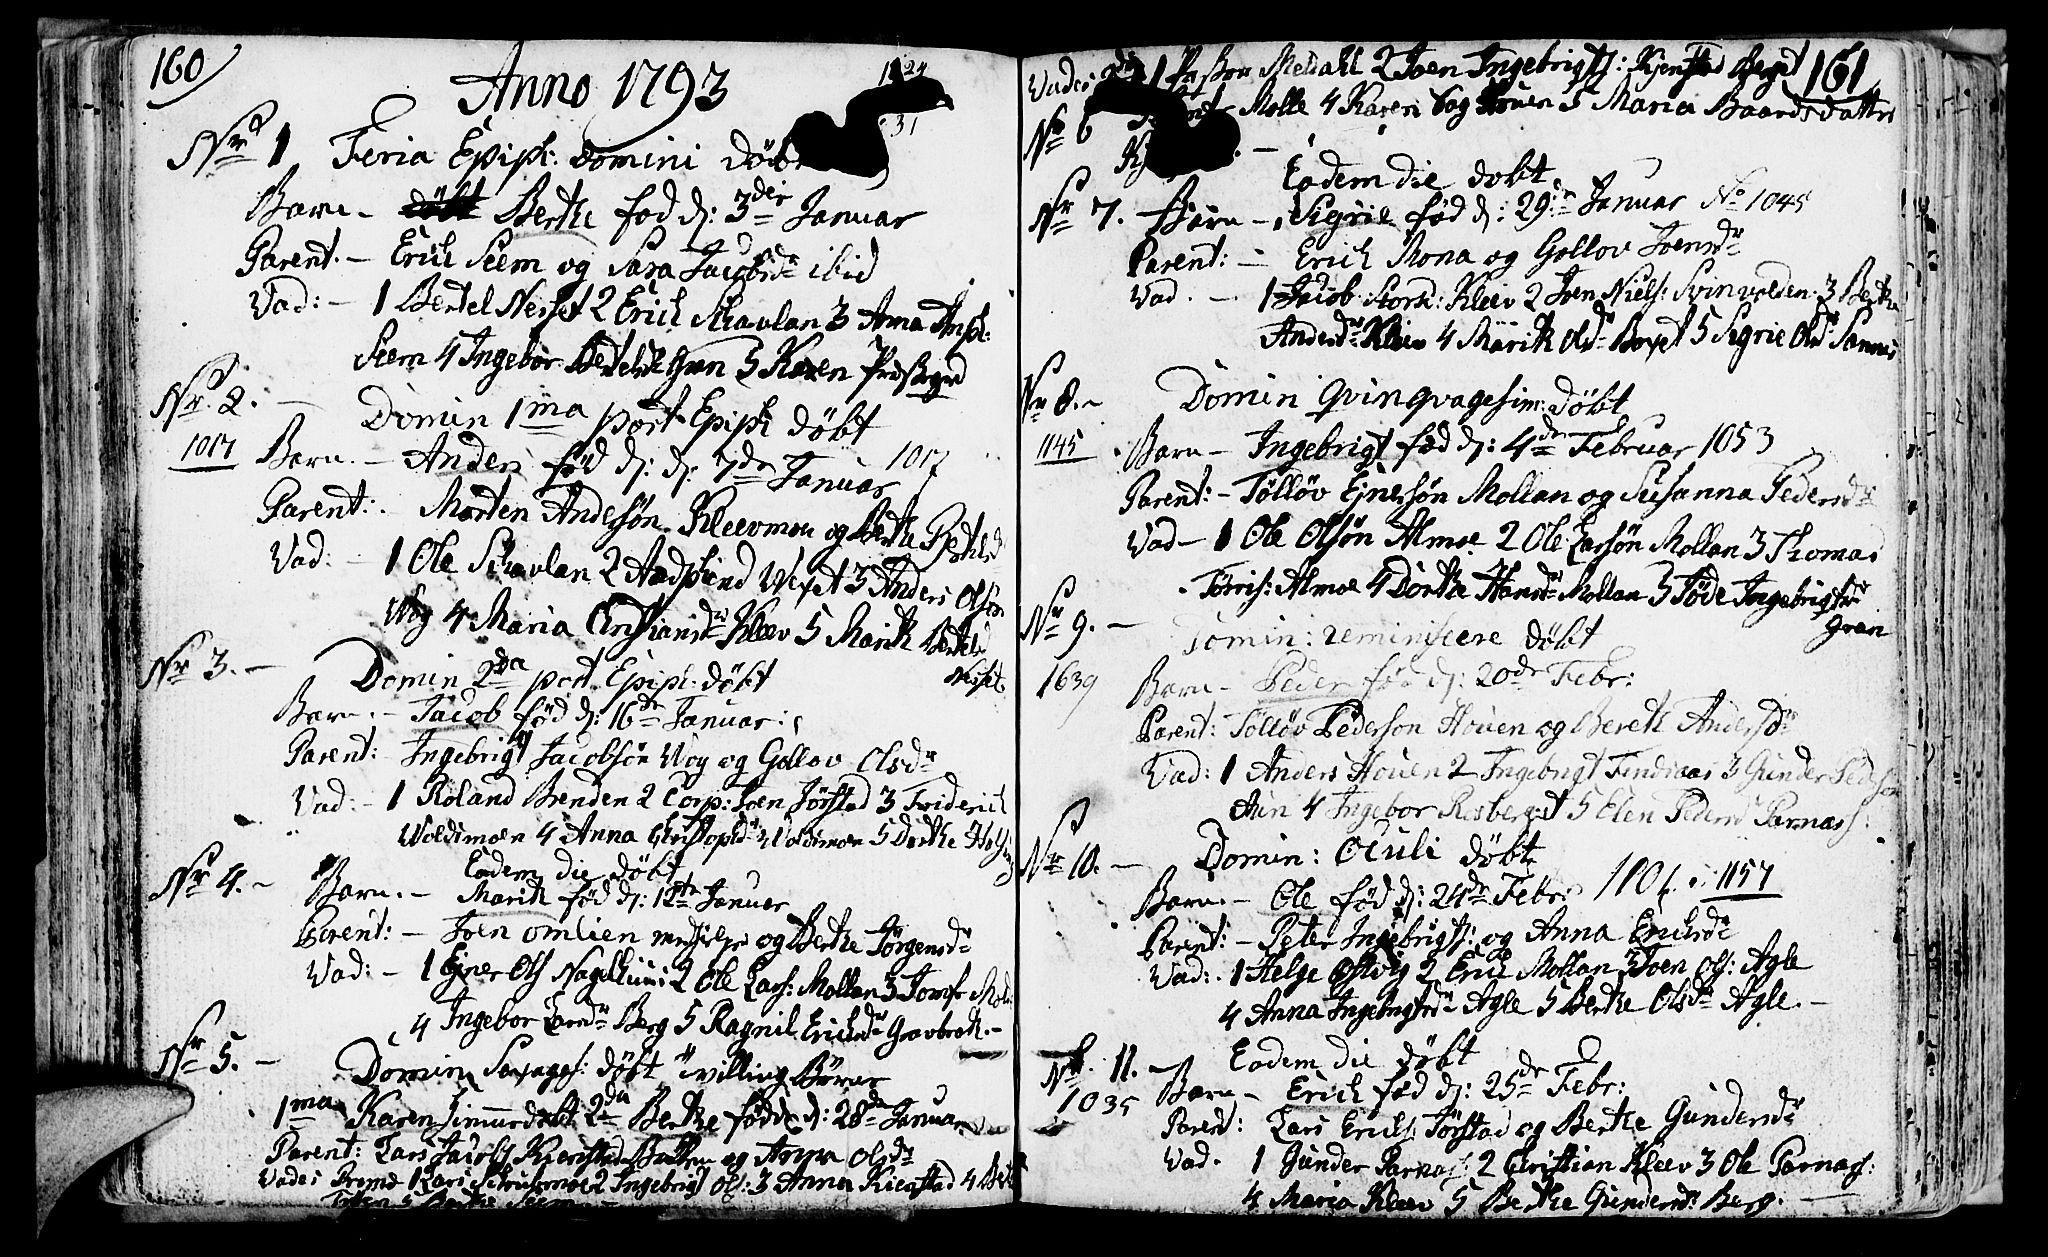 SAT, Ministerialprotokoller, klokkerbøker og fødselsregistre - Nord-Trøndelag, 749/L0468: Ministerialbok nr. 749A02, 1787-1817, s. 160-161